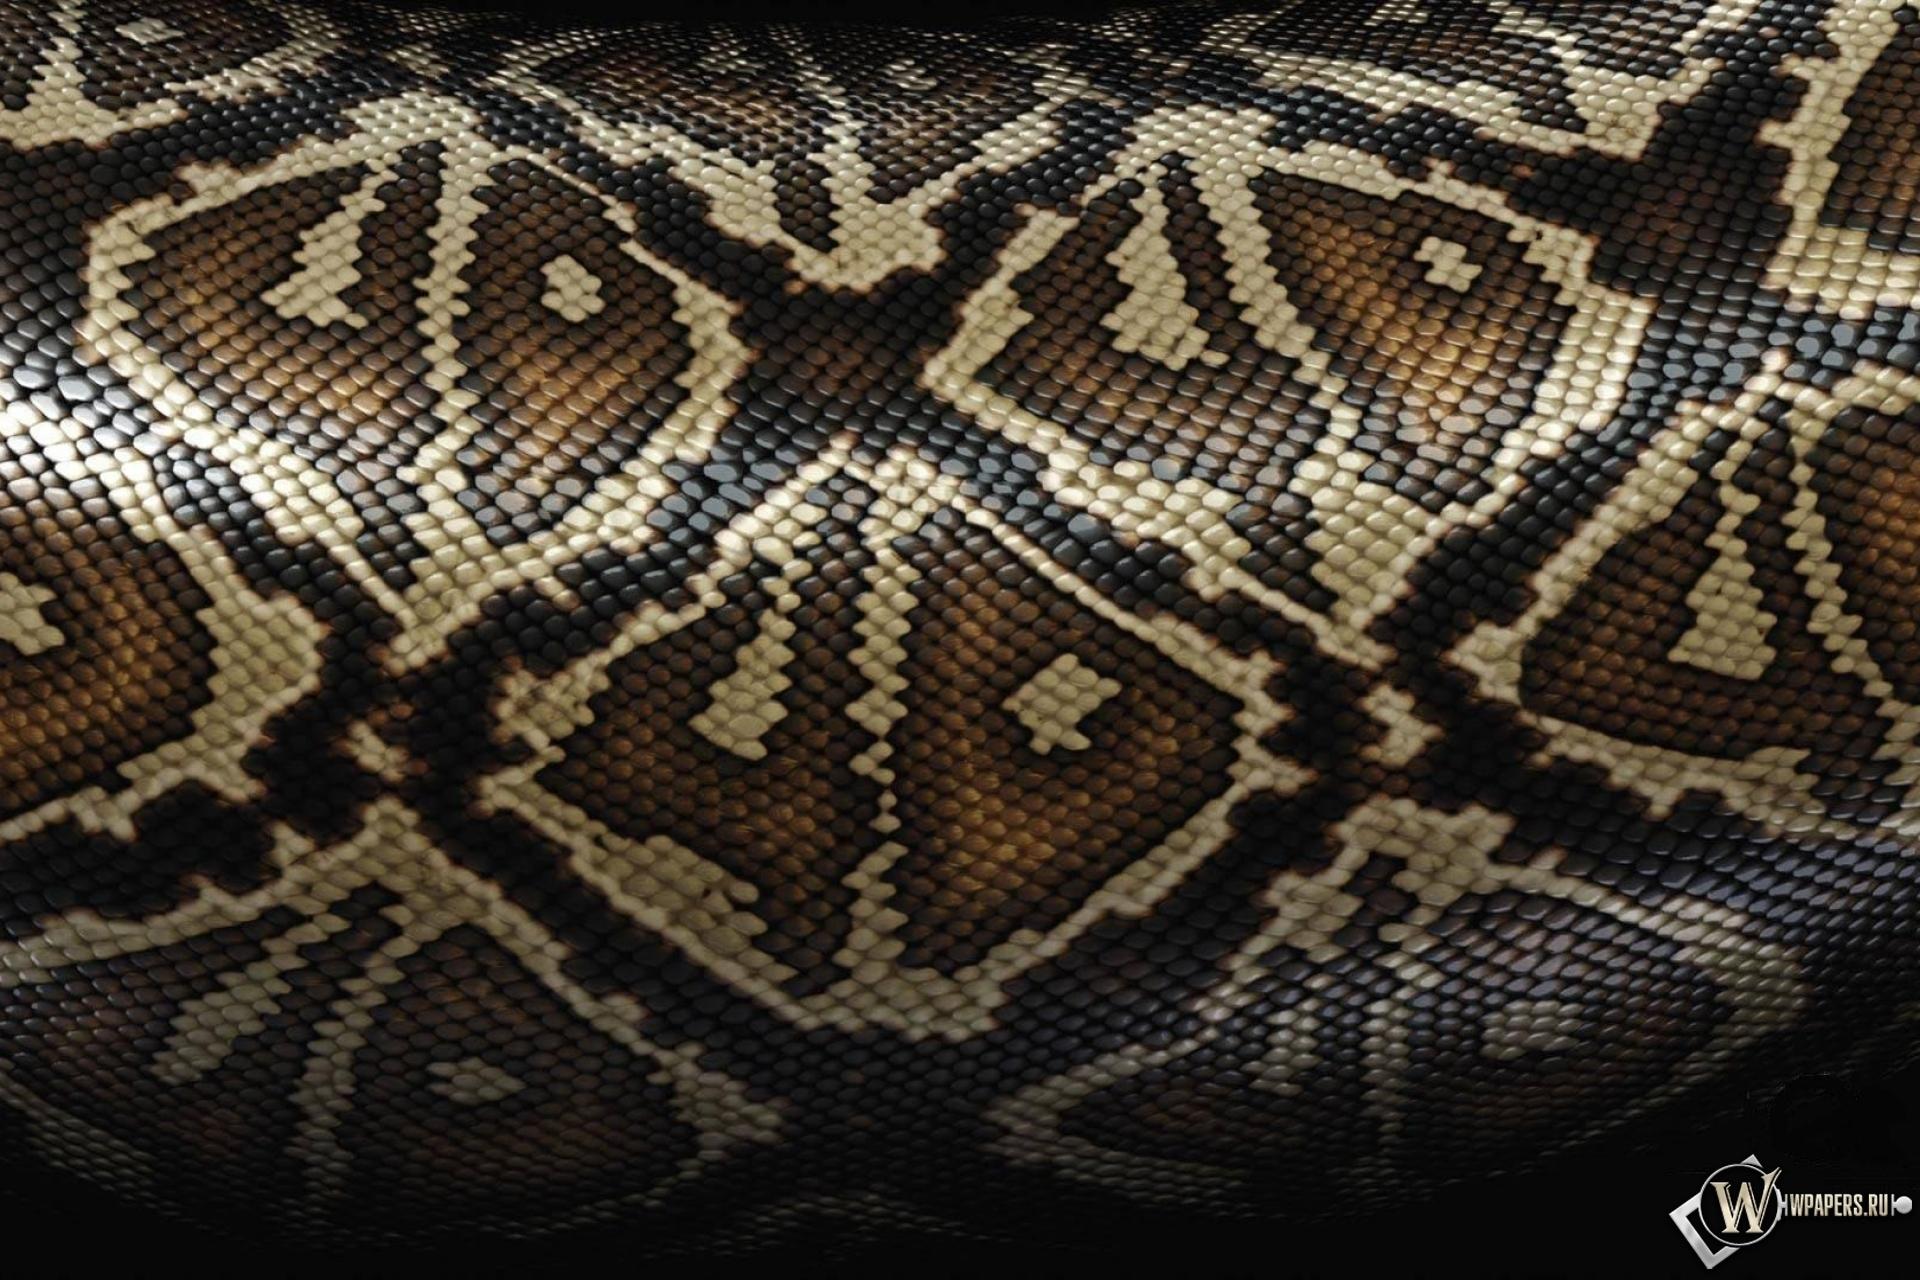 Змеиная шкура 1920x1280